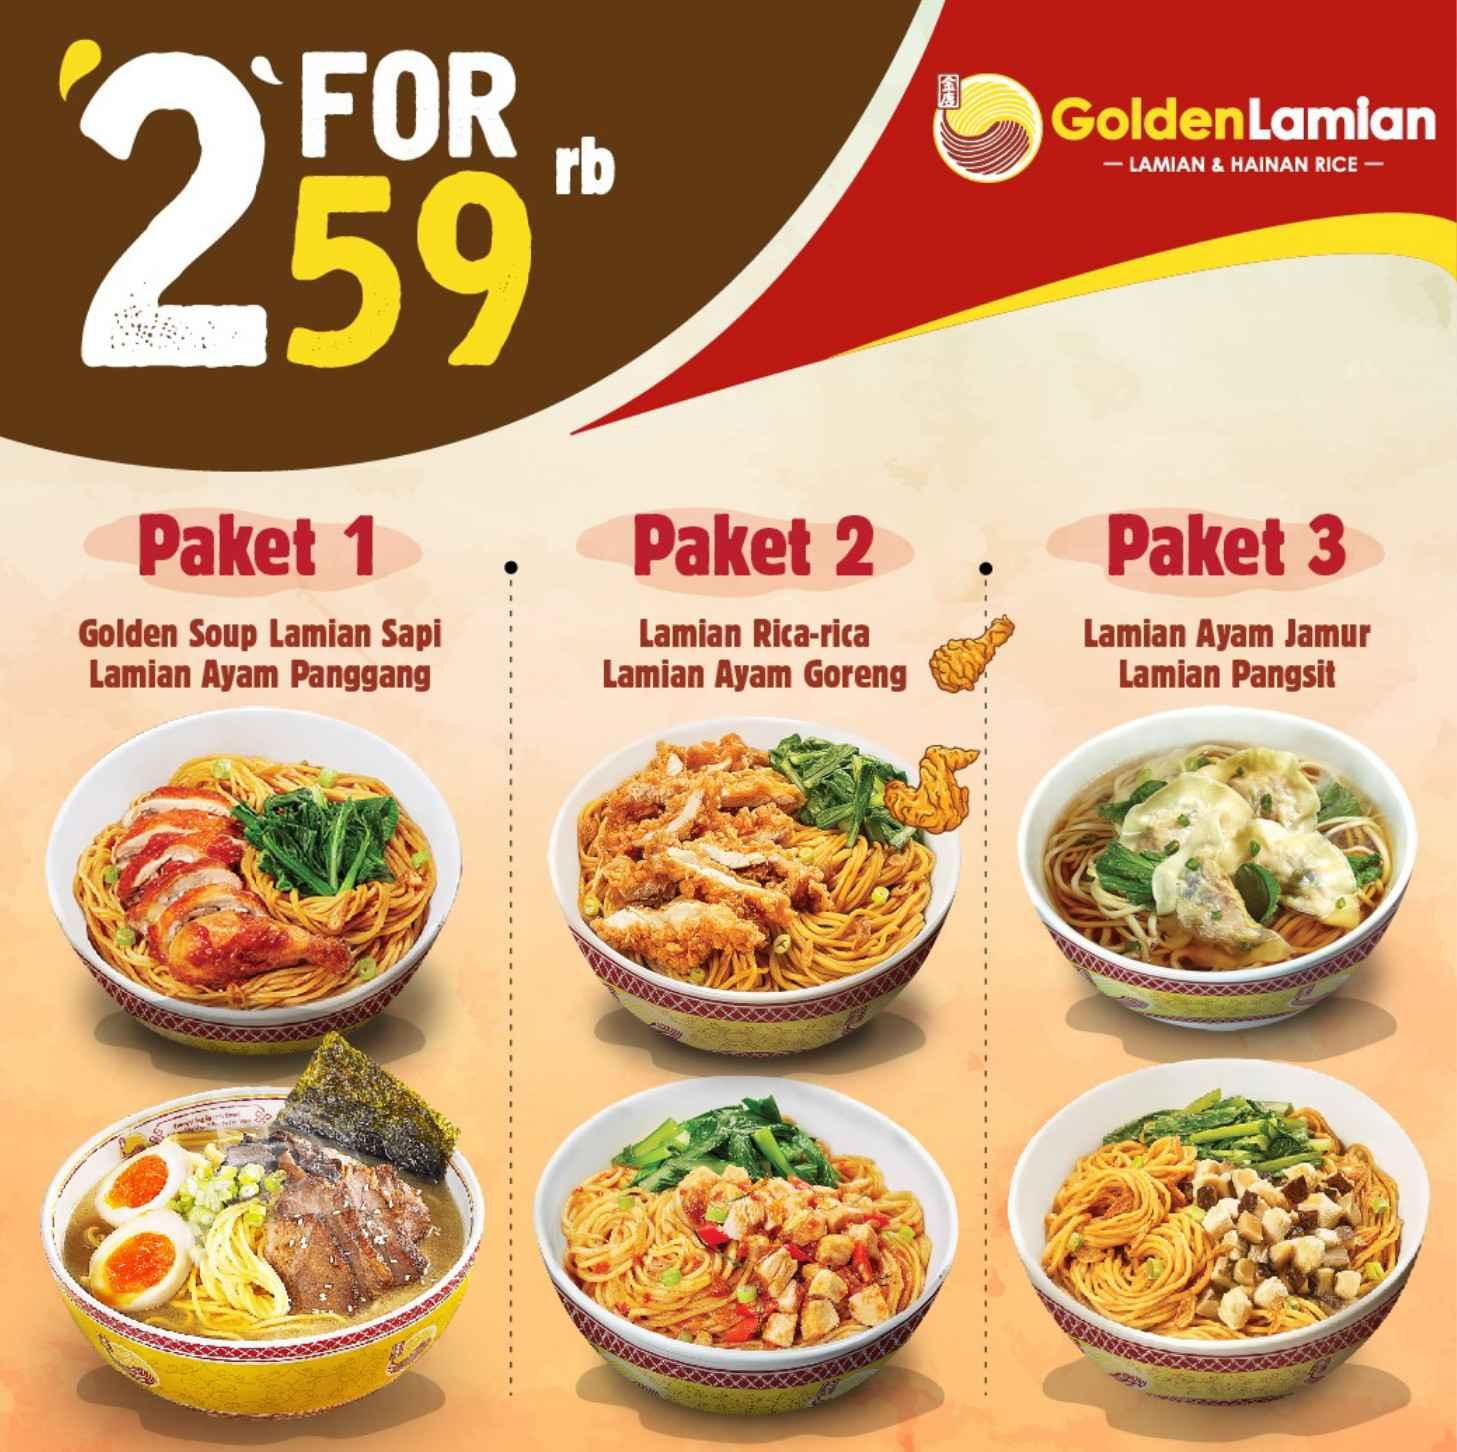 Golden Lamian Promo Paket 2 Menu Hanya Rp.59.000 dengan Kupon LINE